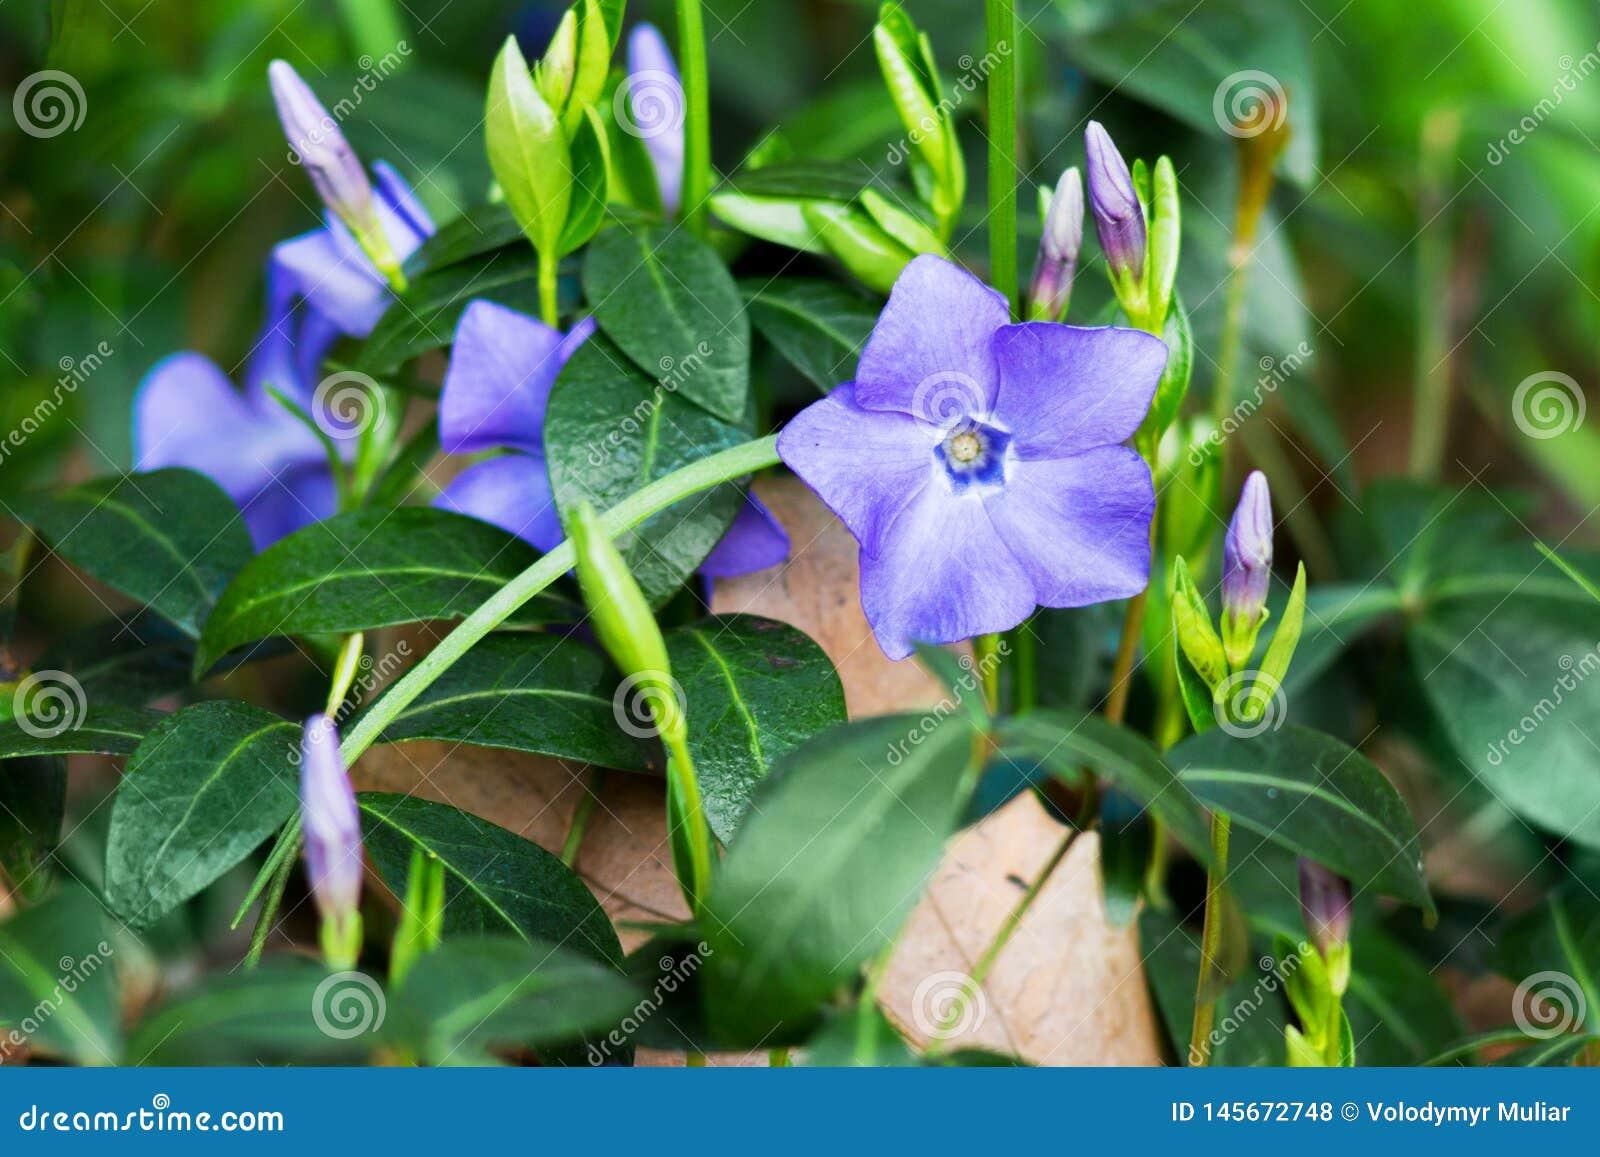 Purpere bloemen van maagdenpalm in het bos op vaag background_